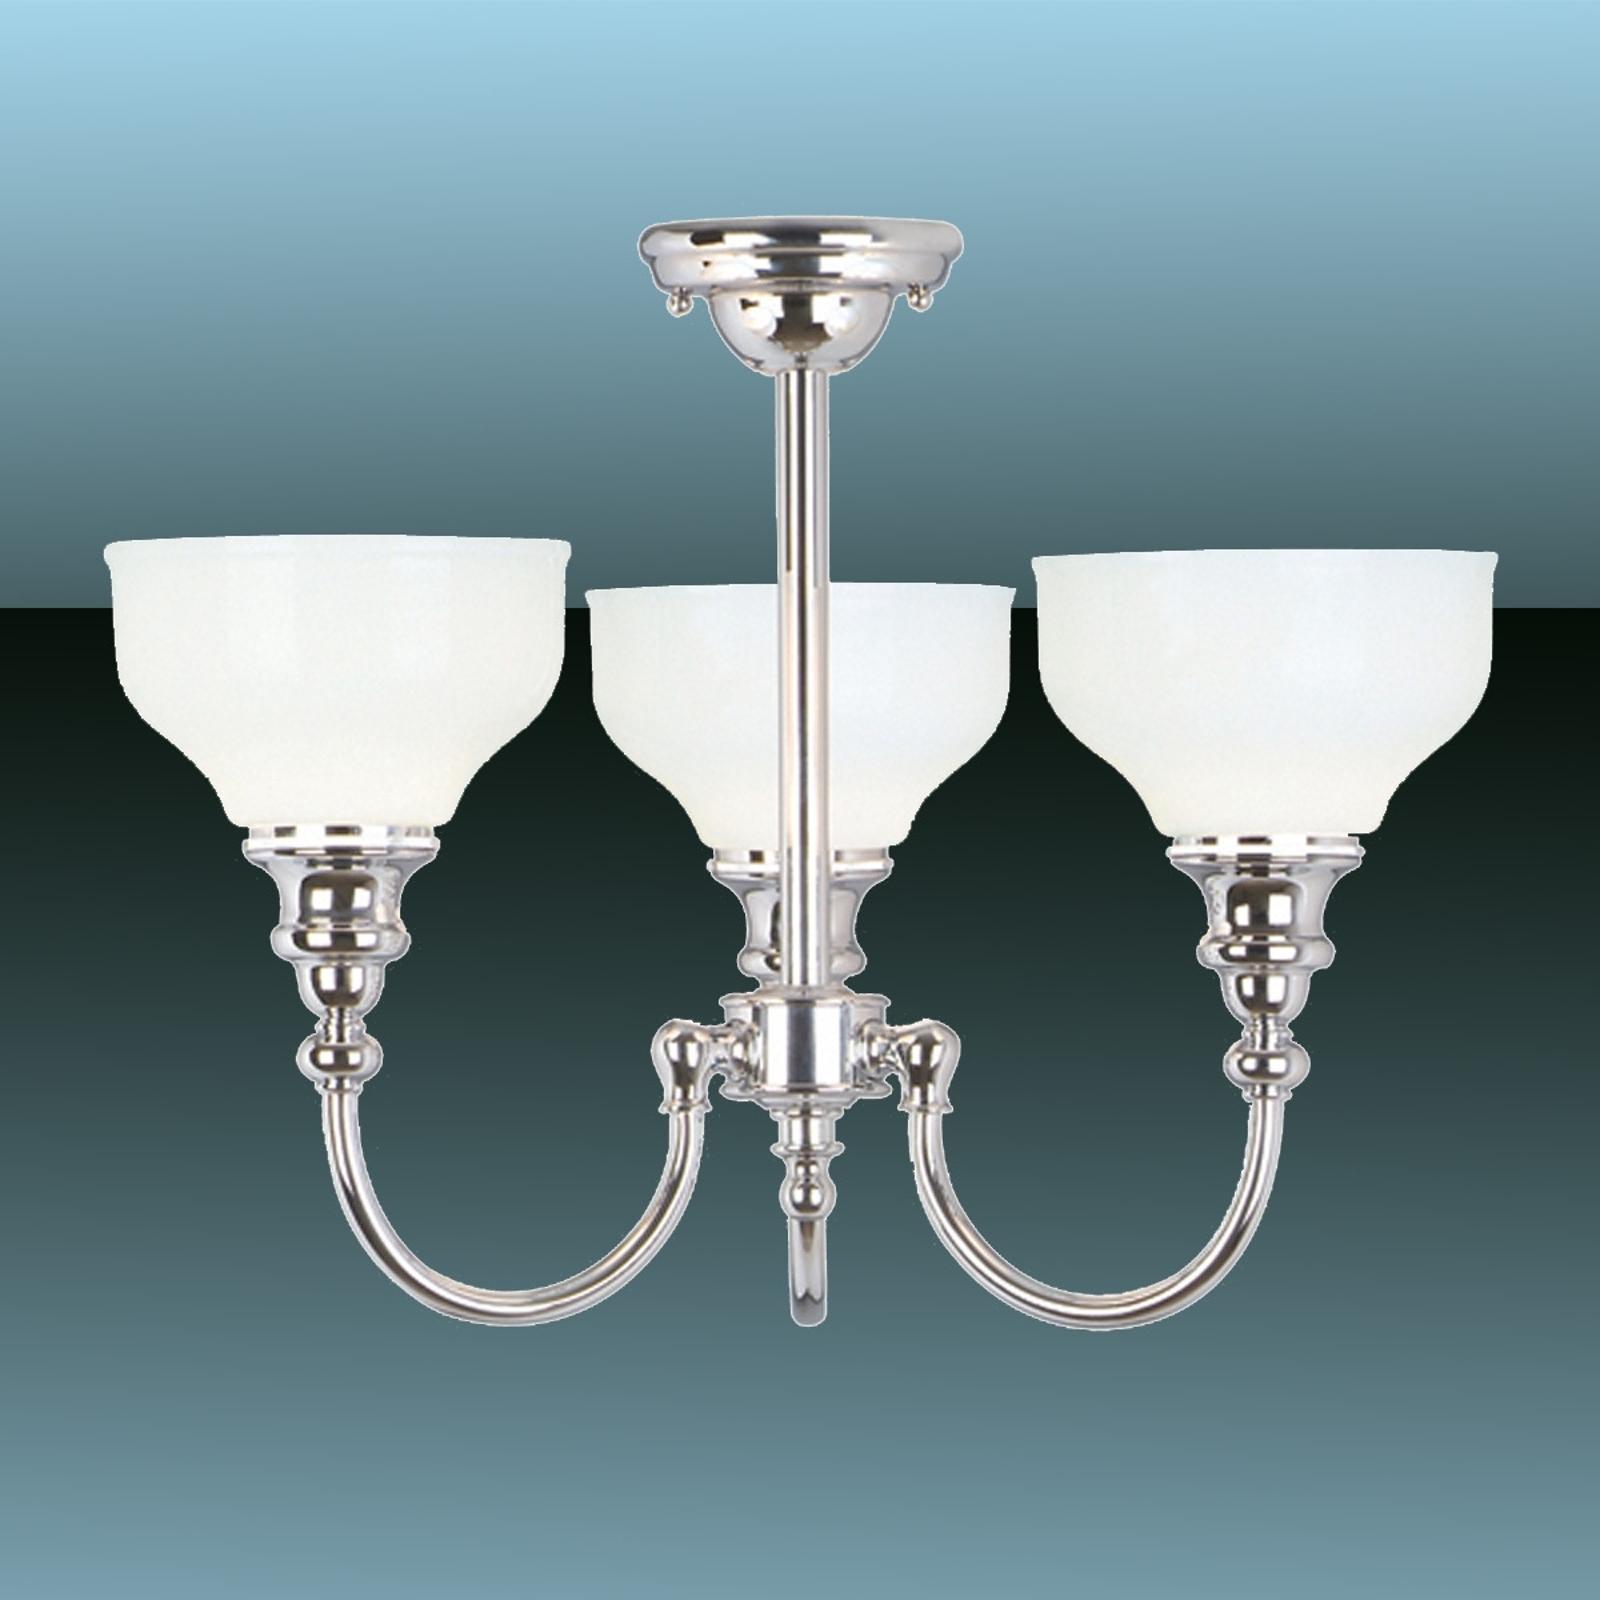 Plafondlampa Cheadle för badrum, tredelad